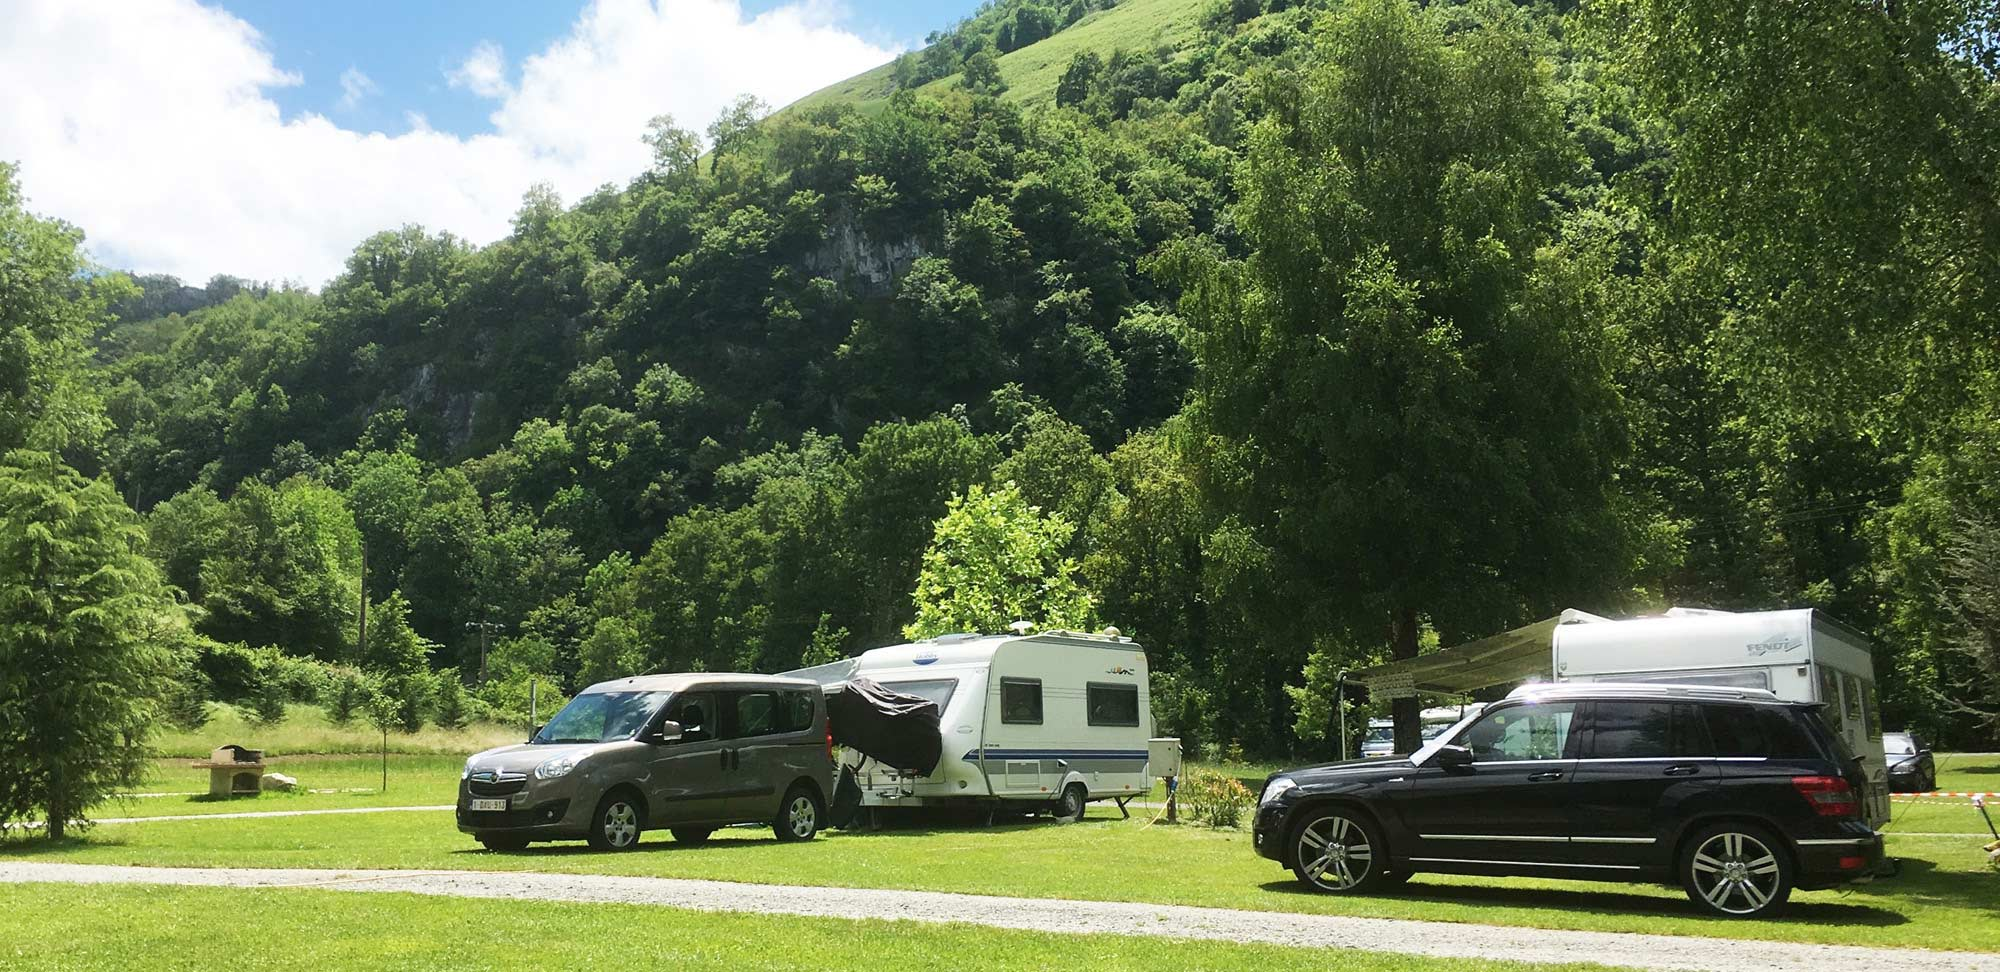 Camping La Forêt Lourdes